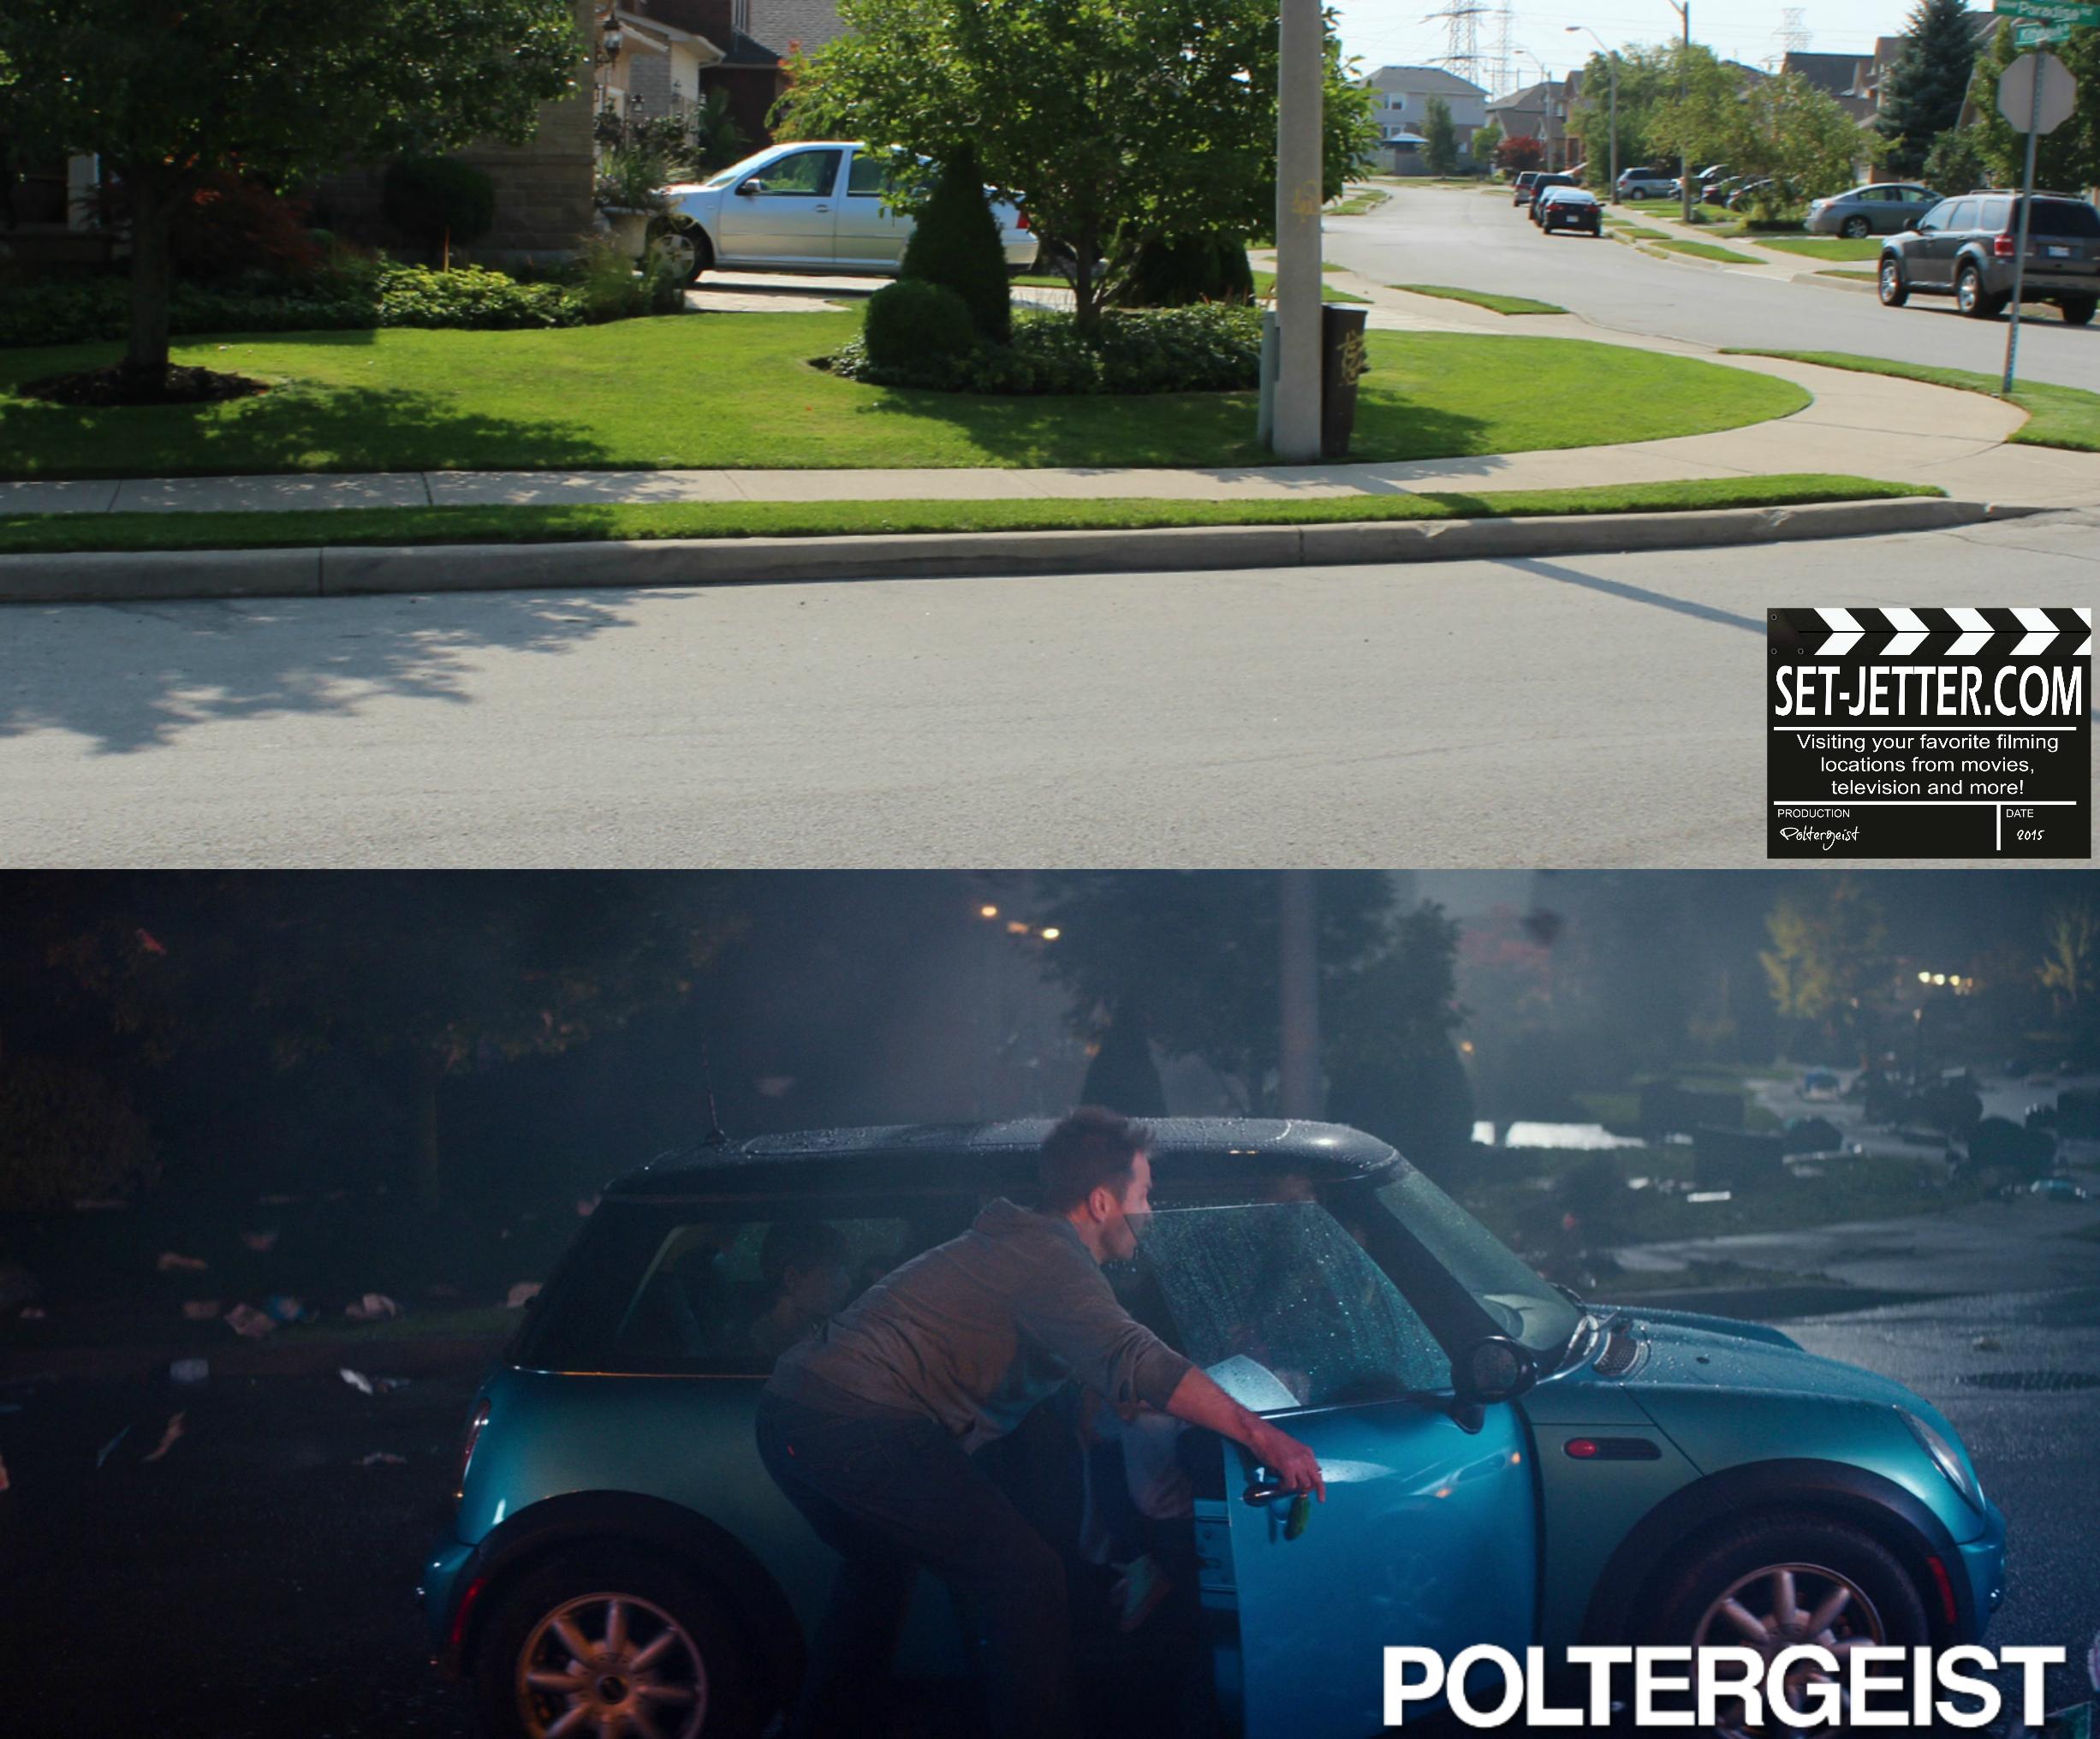 Poltergeist comparison 113.jpg